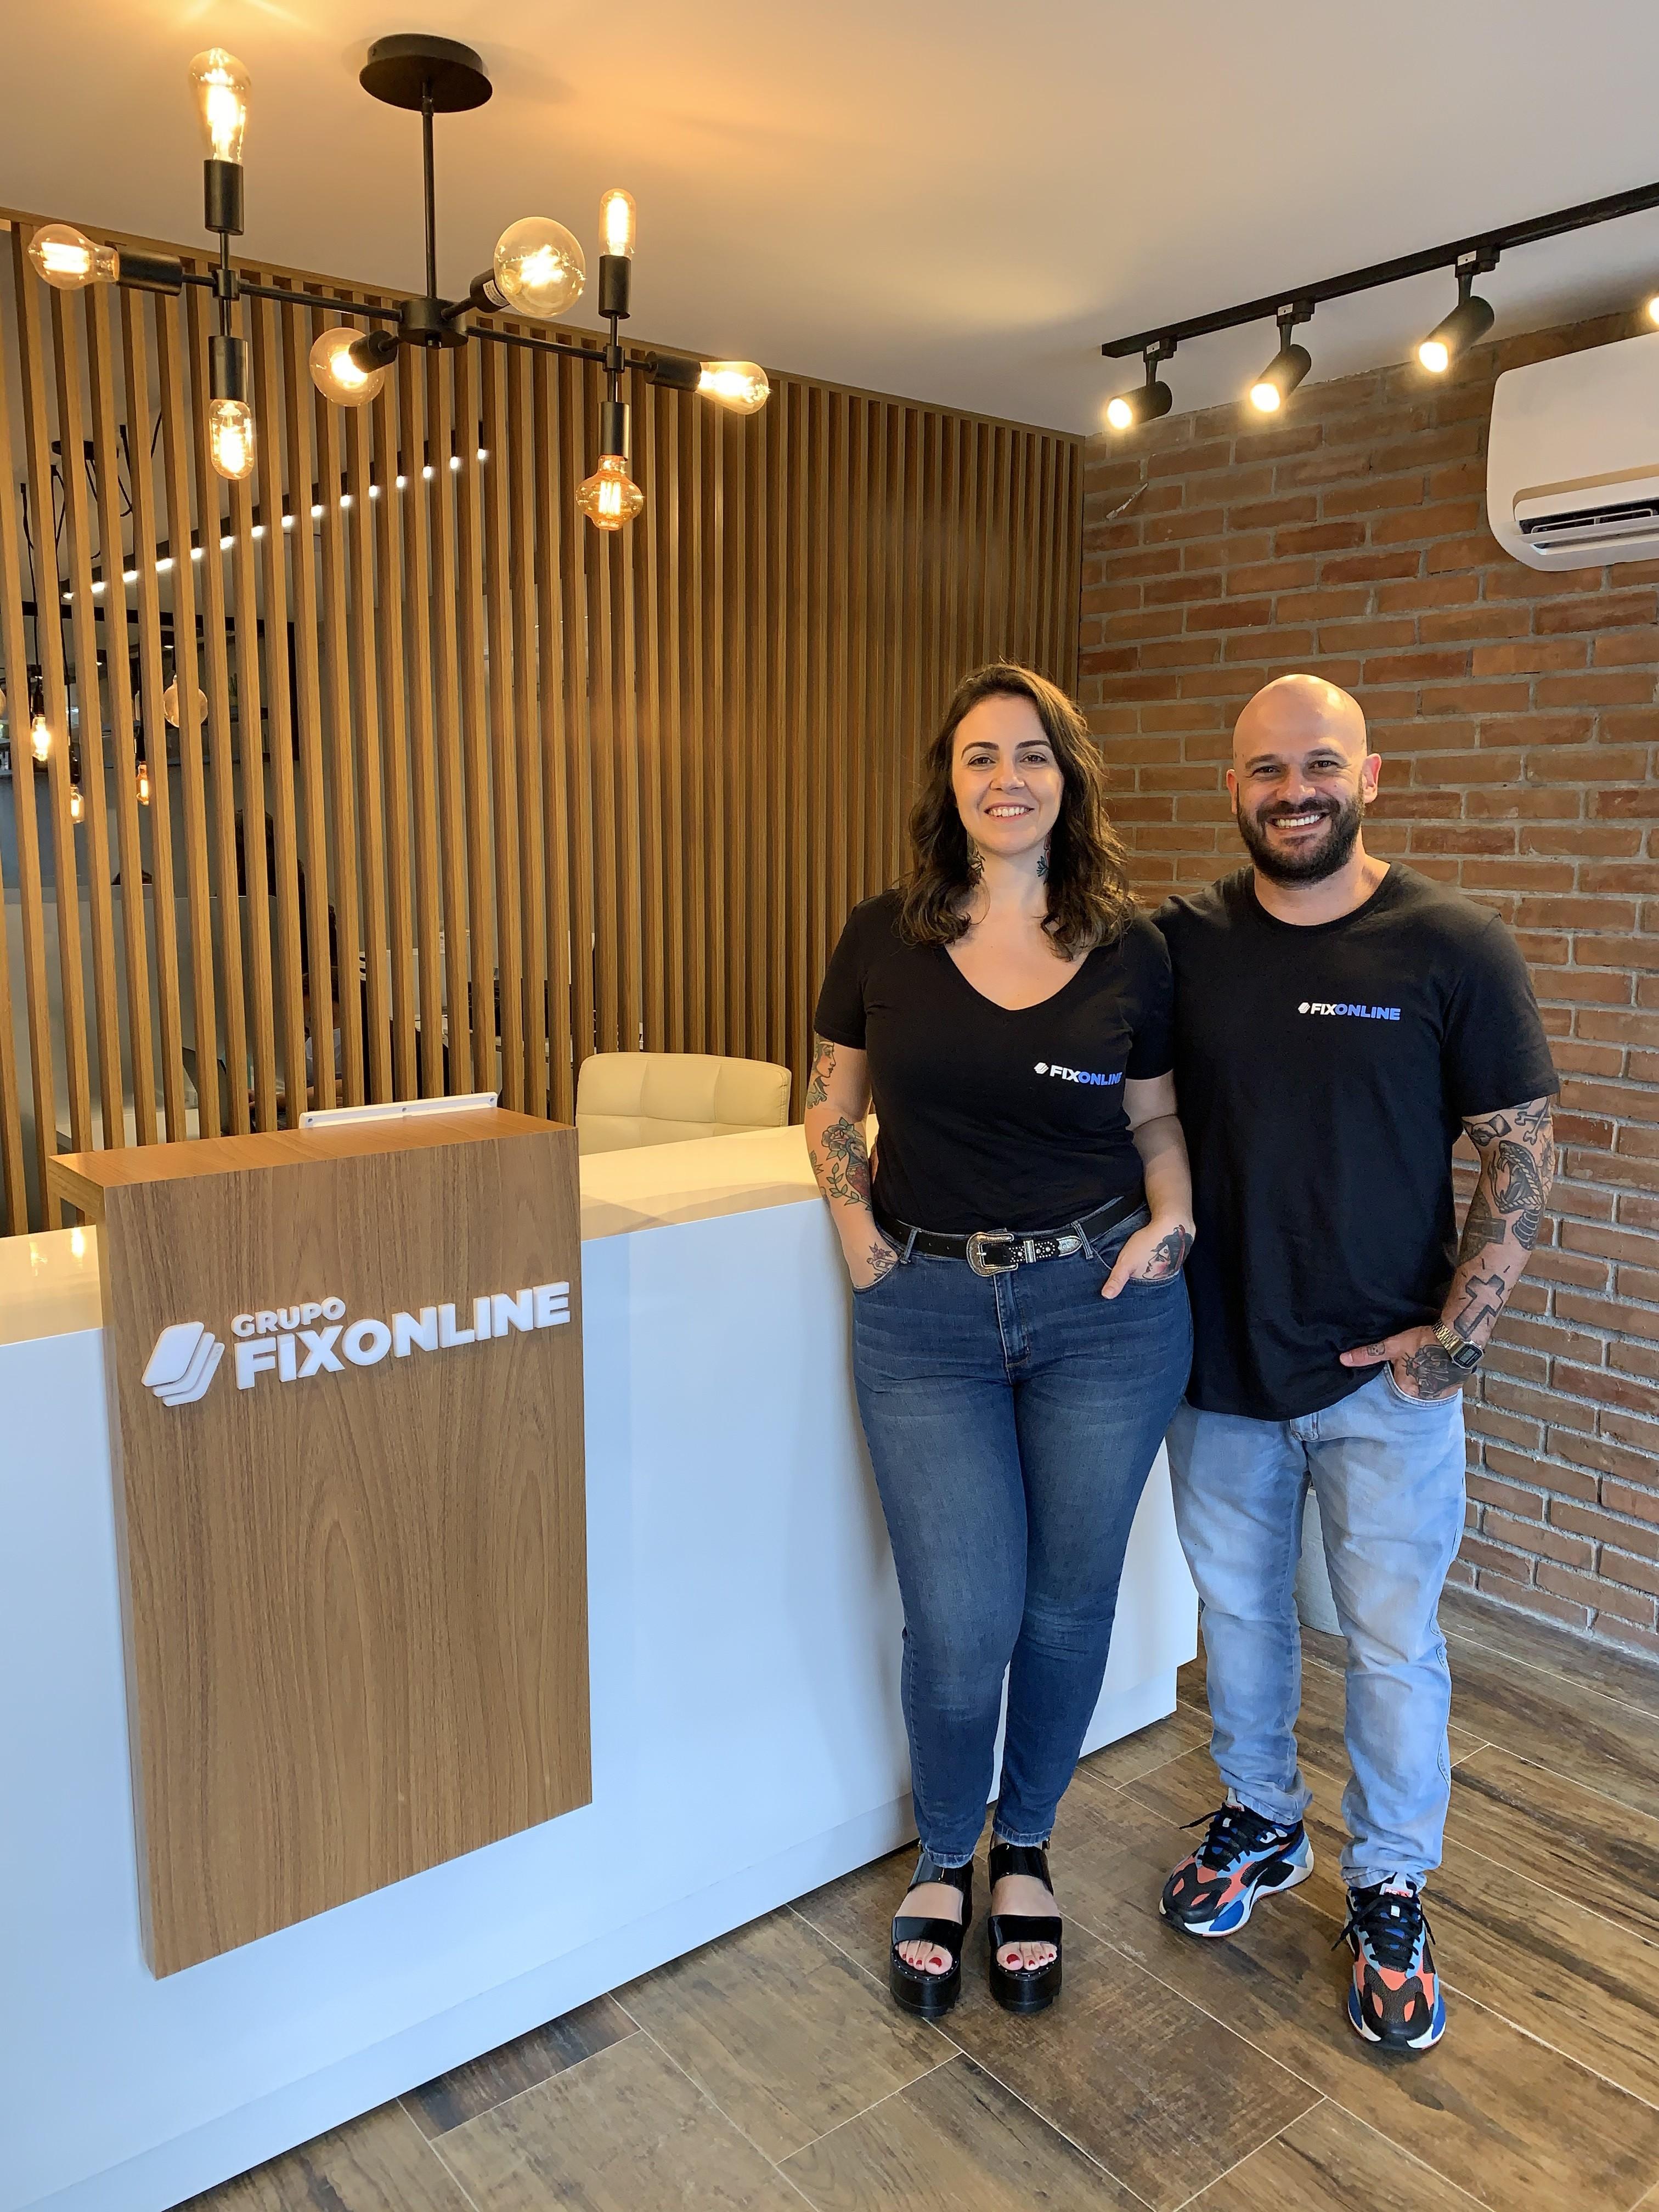 Tatiana Moura e Felipe Rodrigues: casal é sócio na FixOnline